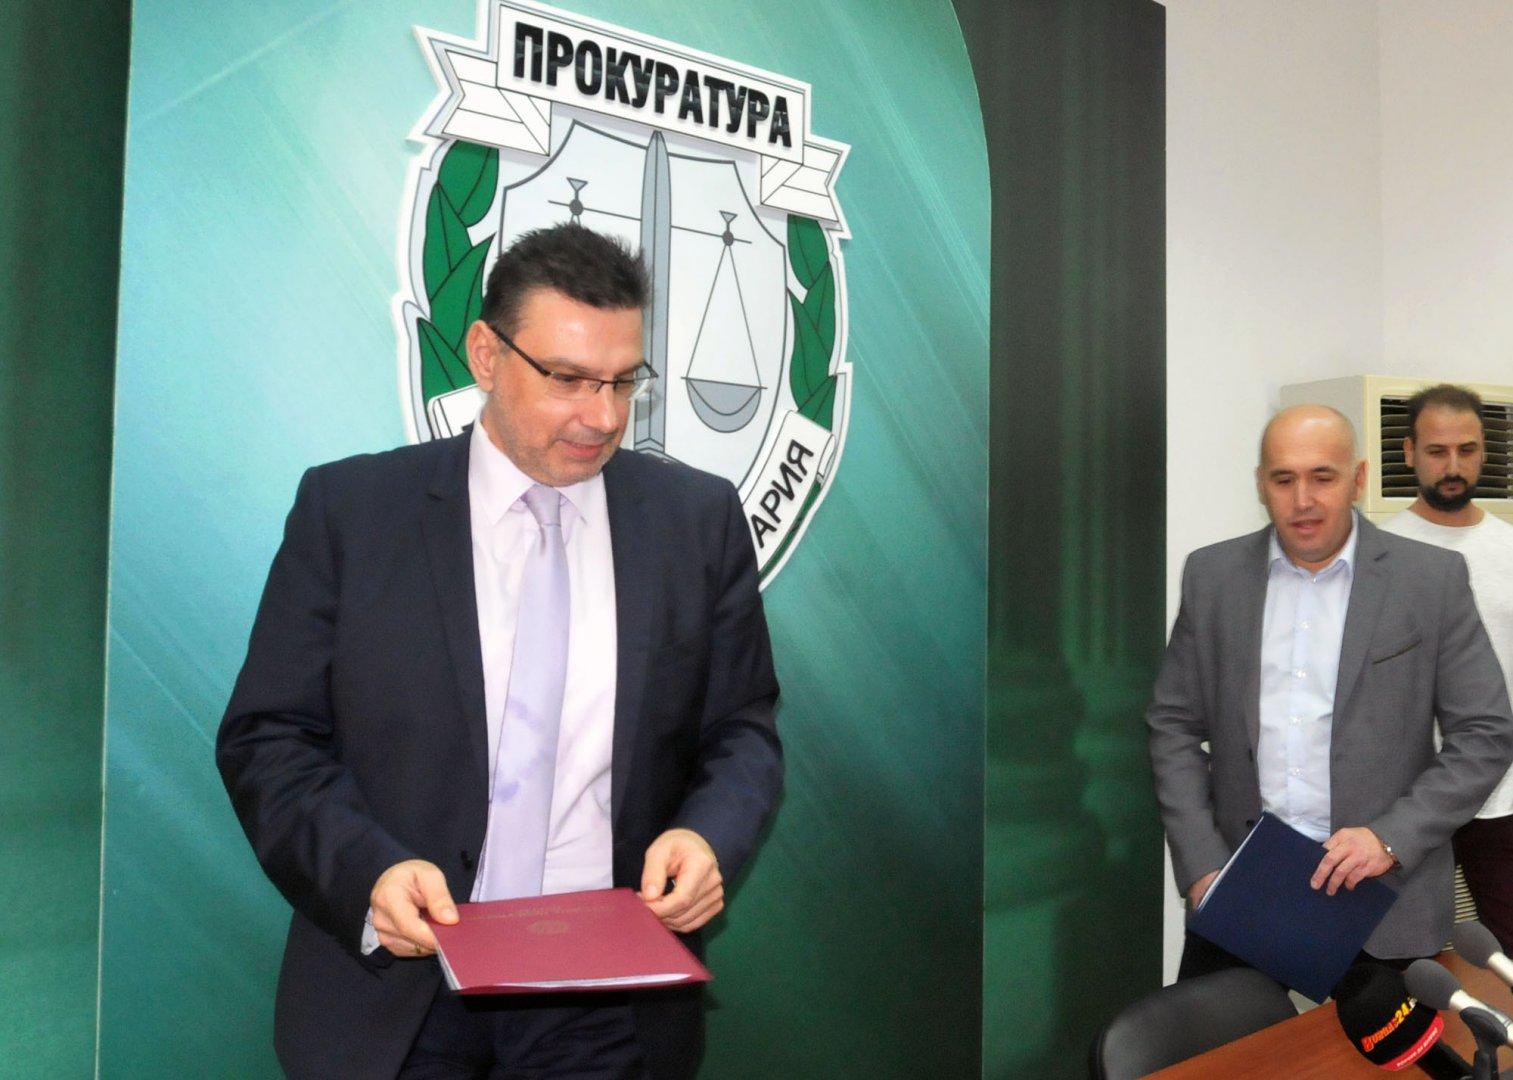 Прокурор Георги Чинев (вляво) и шефът на ОДМВР Радослав Сотиров изнесоха данни по случая. Снимка Лина Главинова